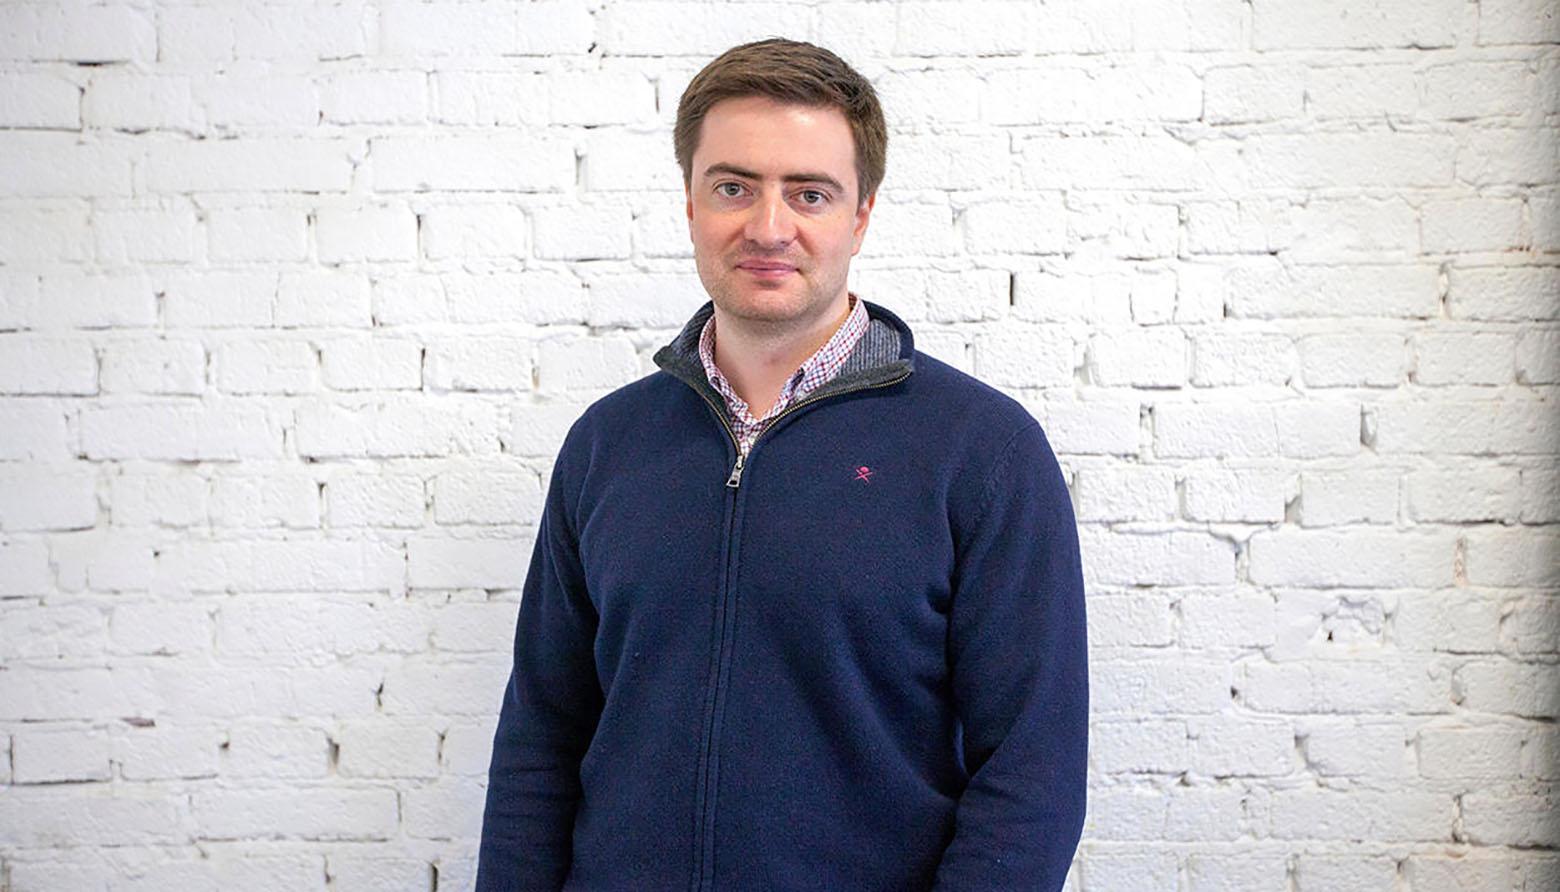 руководитель направления голосовых технологий и продуктов «Яндекса» Денис Филиппов